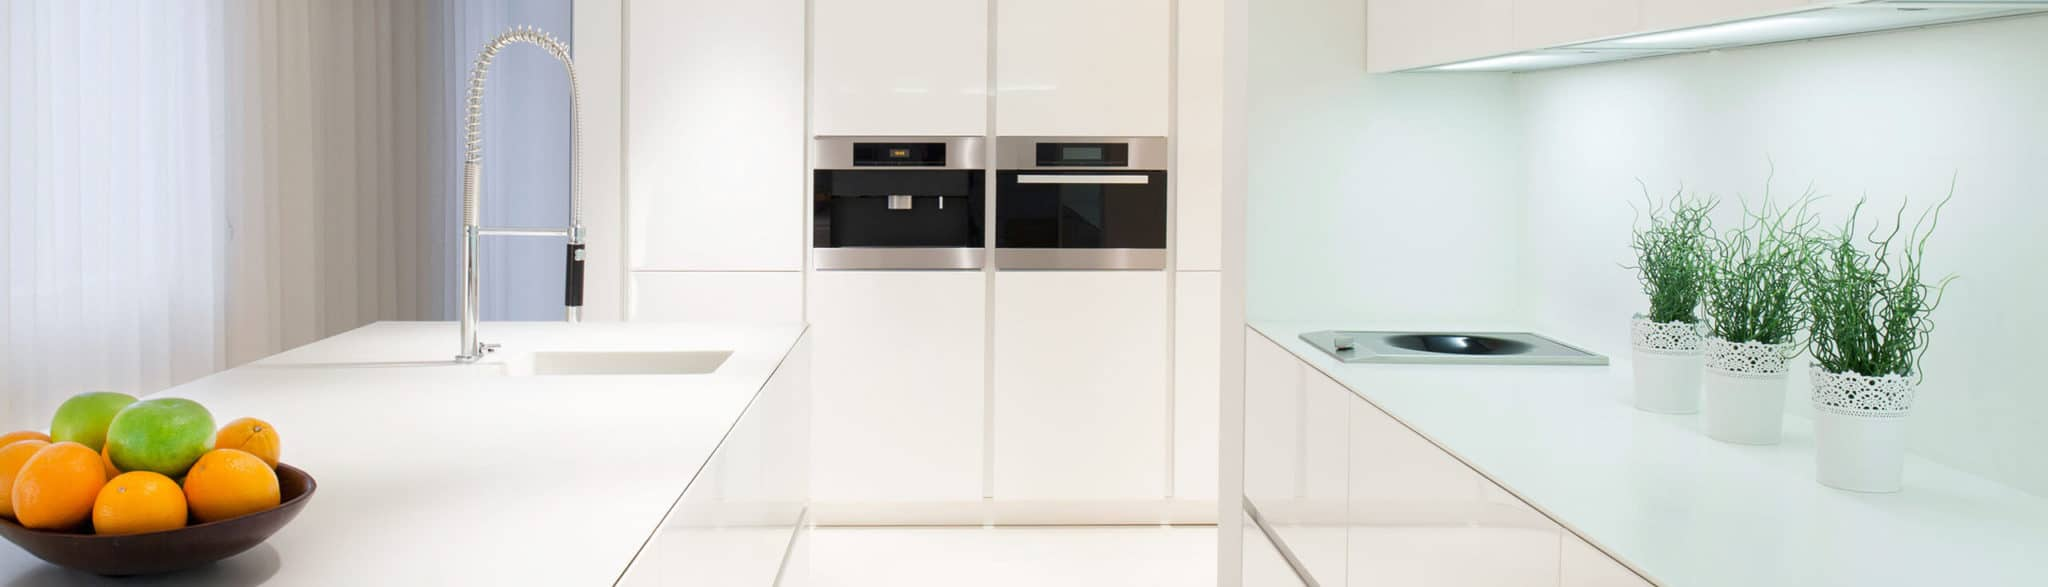 Muebles de cocina madrid mobiliario de cocina grupo coeco - Exposiciones de cocinas en madrid ...